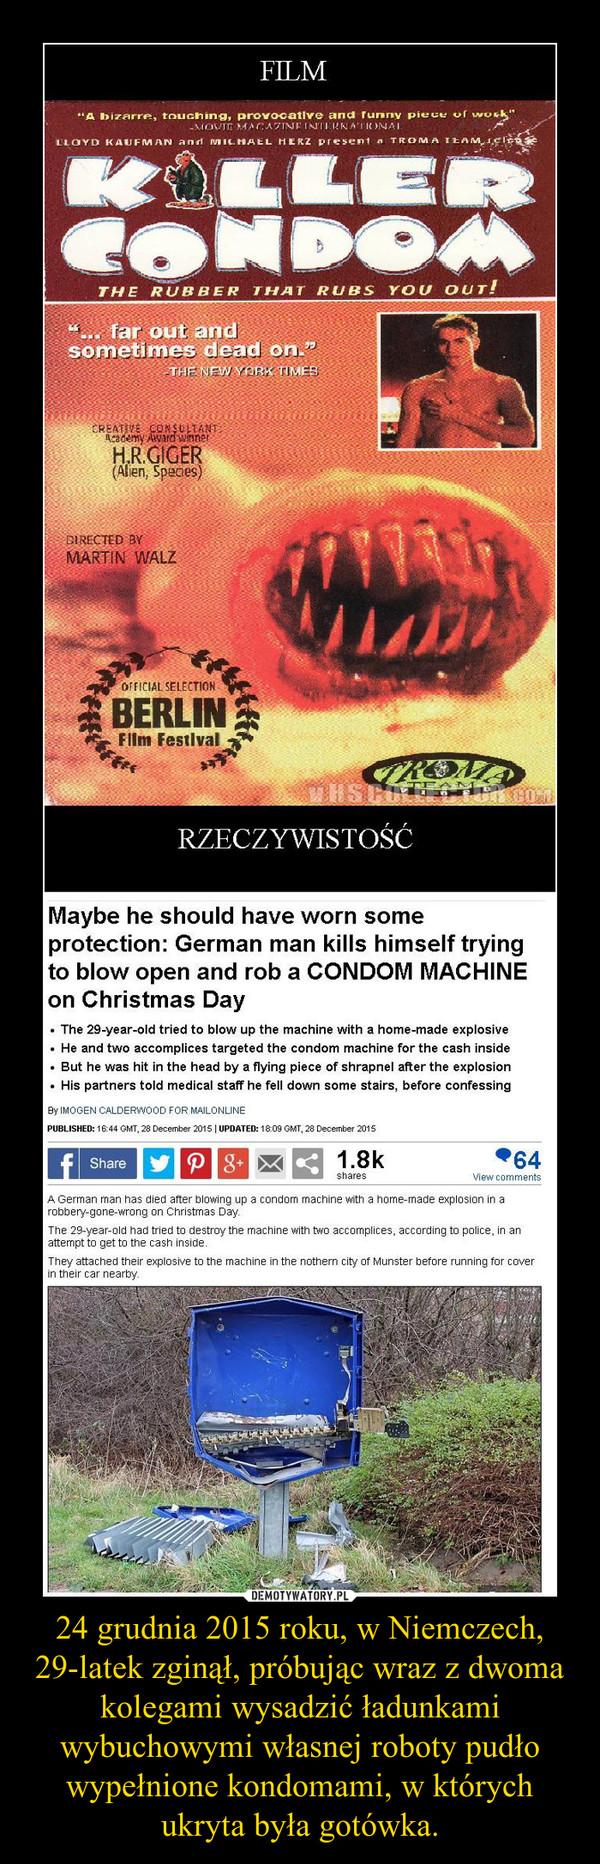 24 grudnia 2015 roku, w Niemczech, 29-latek zginął, próbując wraz z dwoma kolegami wysadzić ładunkami wybuchowymi własnej roboty pudło wypełnione kondomami, w których ukryta była gotówka. –